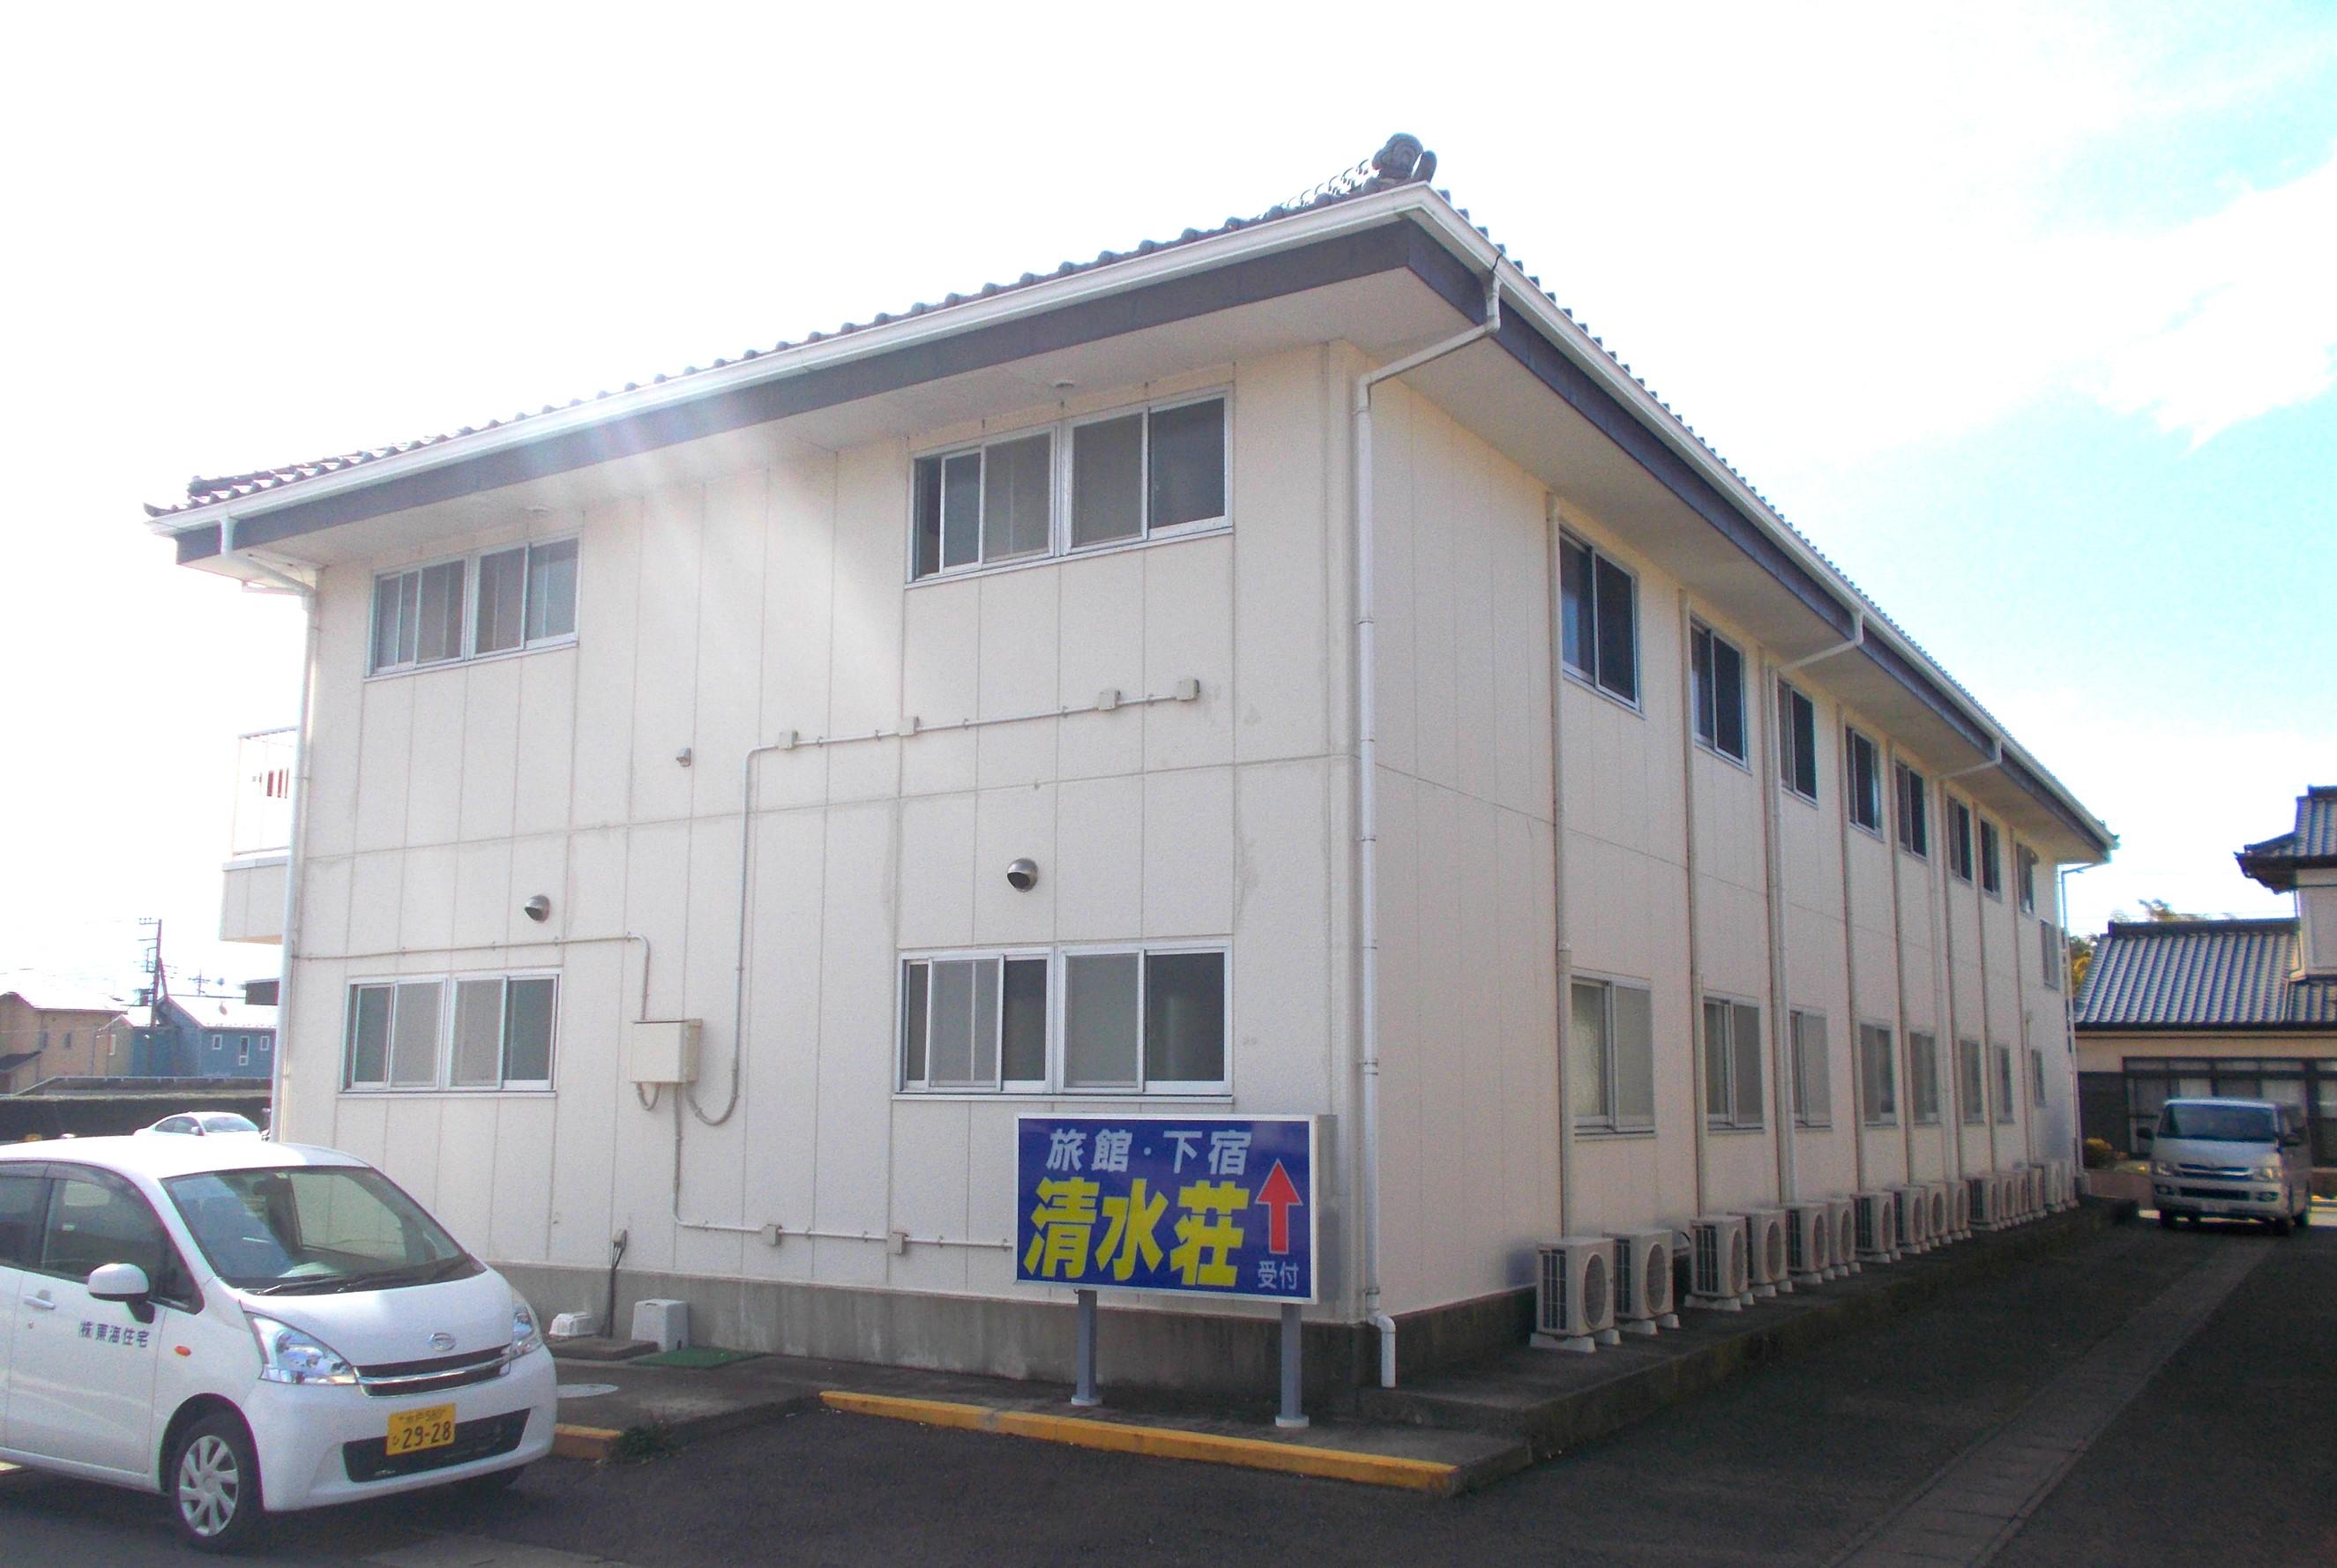 東海村 ビジネス旅館 清水荘様